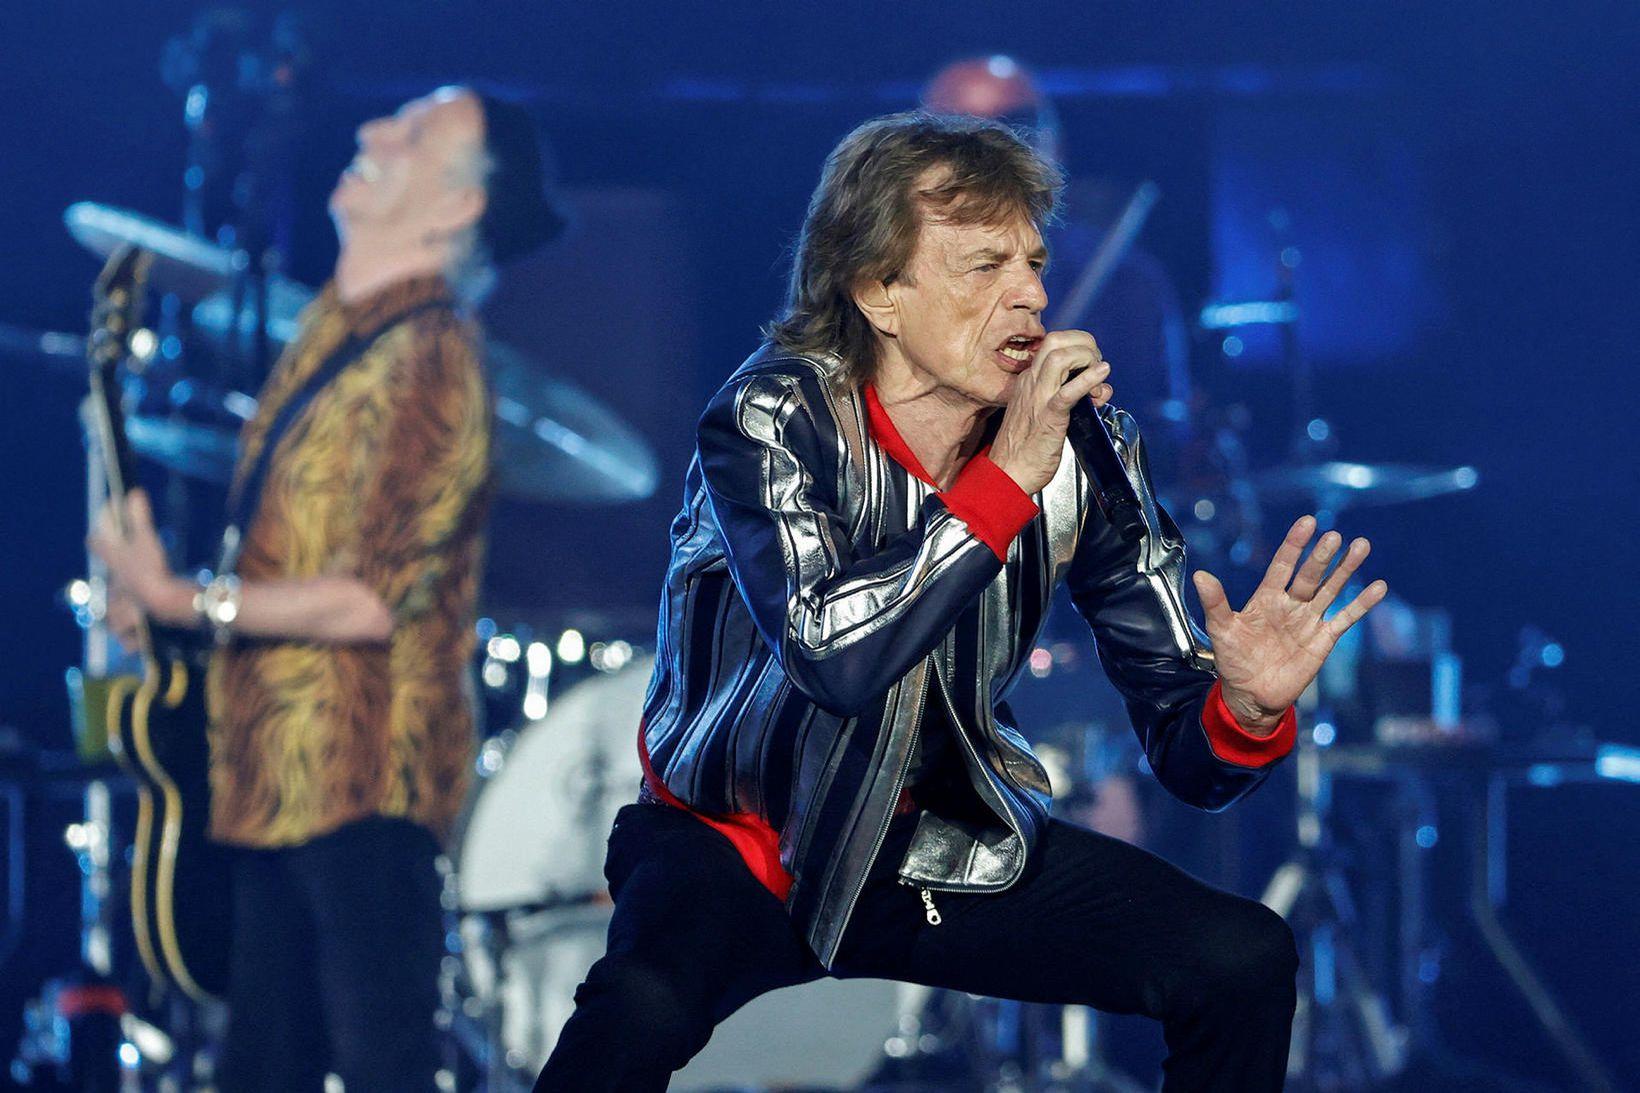 Frá tónleikum Stones í september. Jagger með mígrafónin og í …